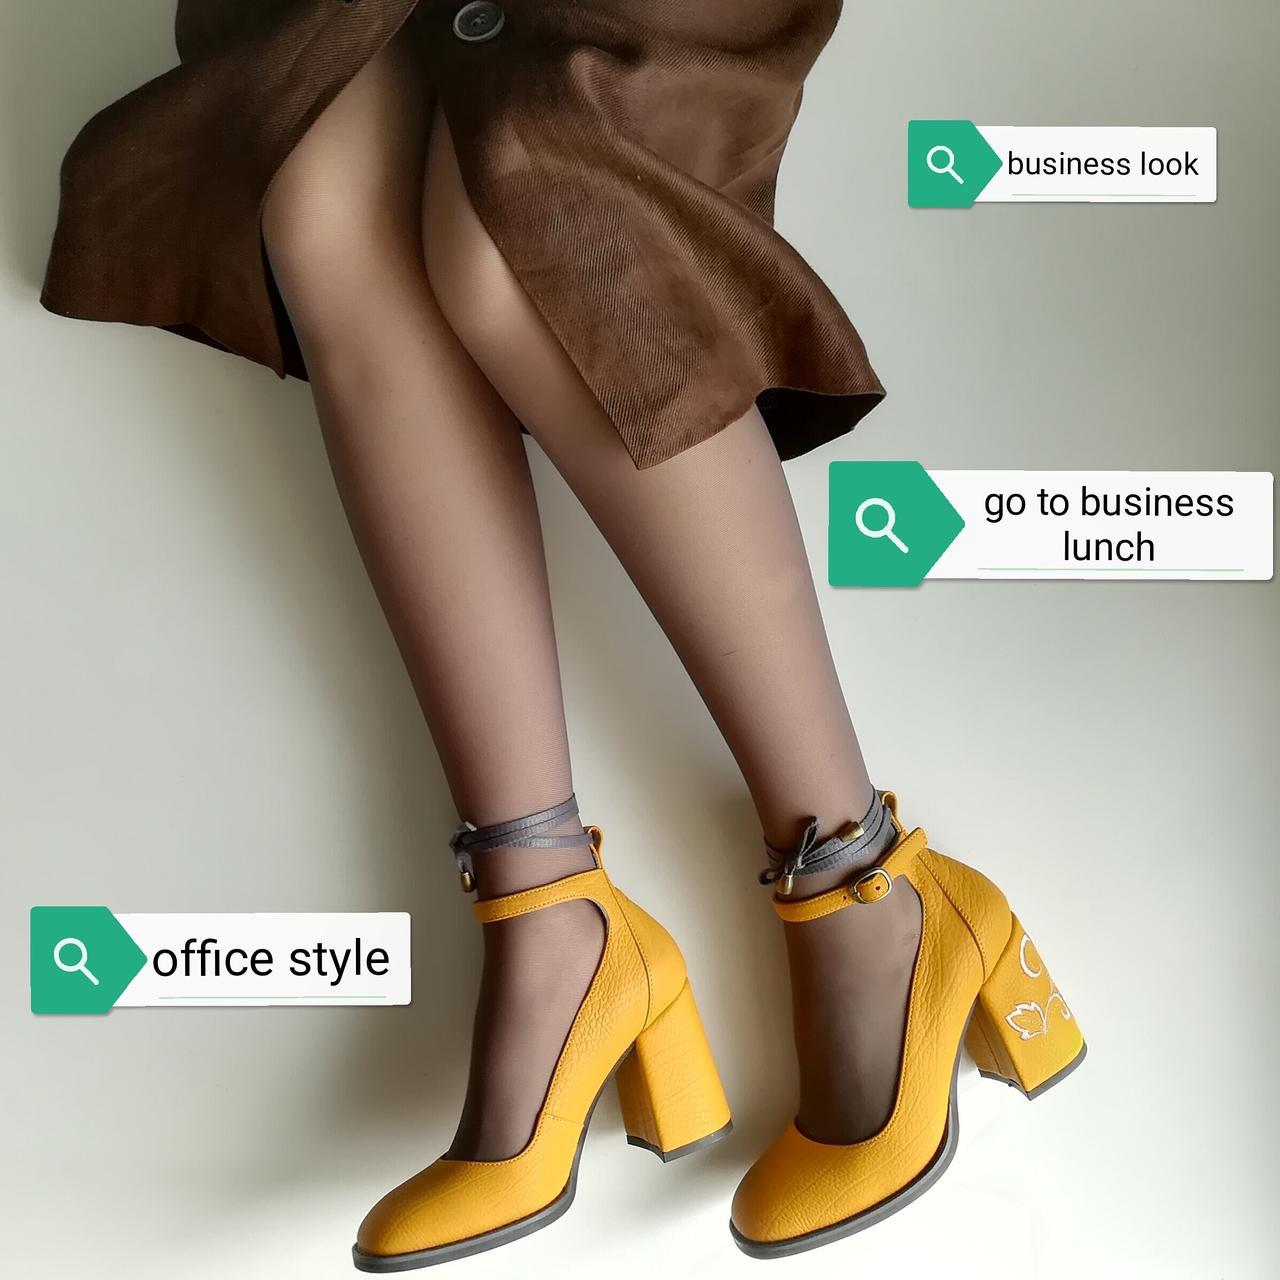 Туфли цвета желтой горчицы с вышивкой на каблуках